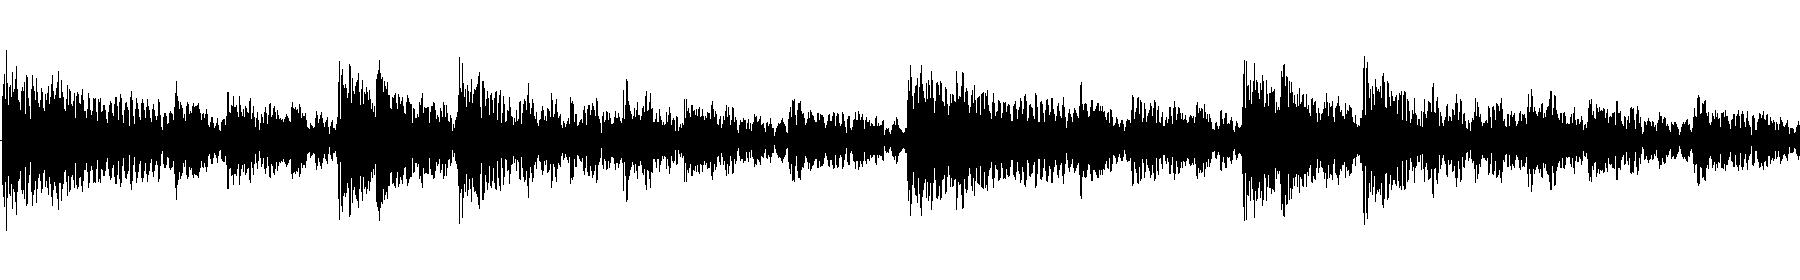 blbc cinedrumsa 130 04